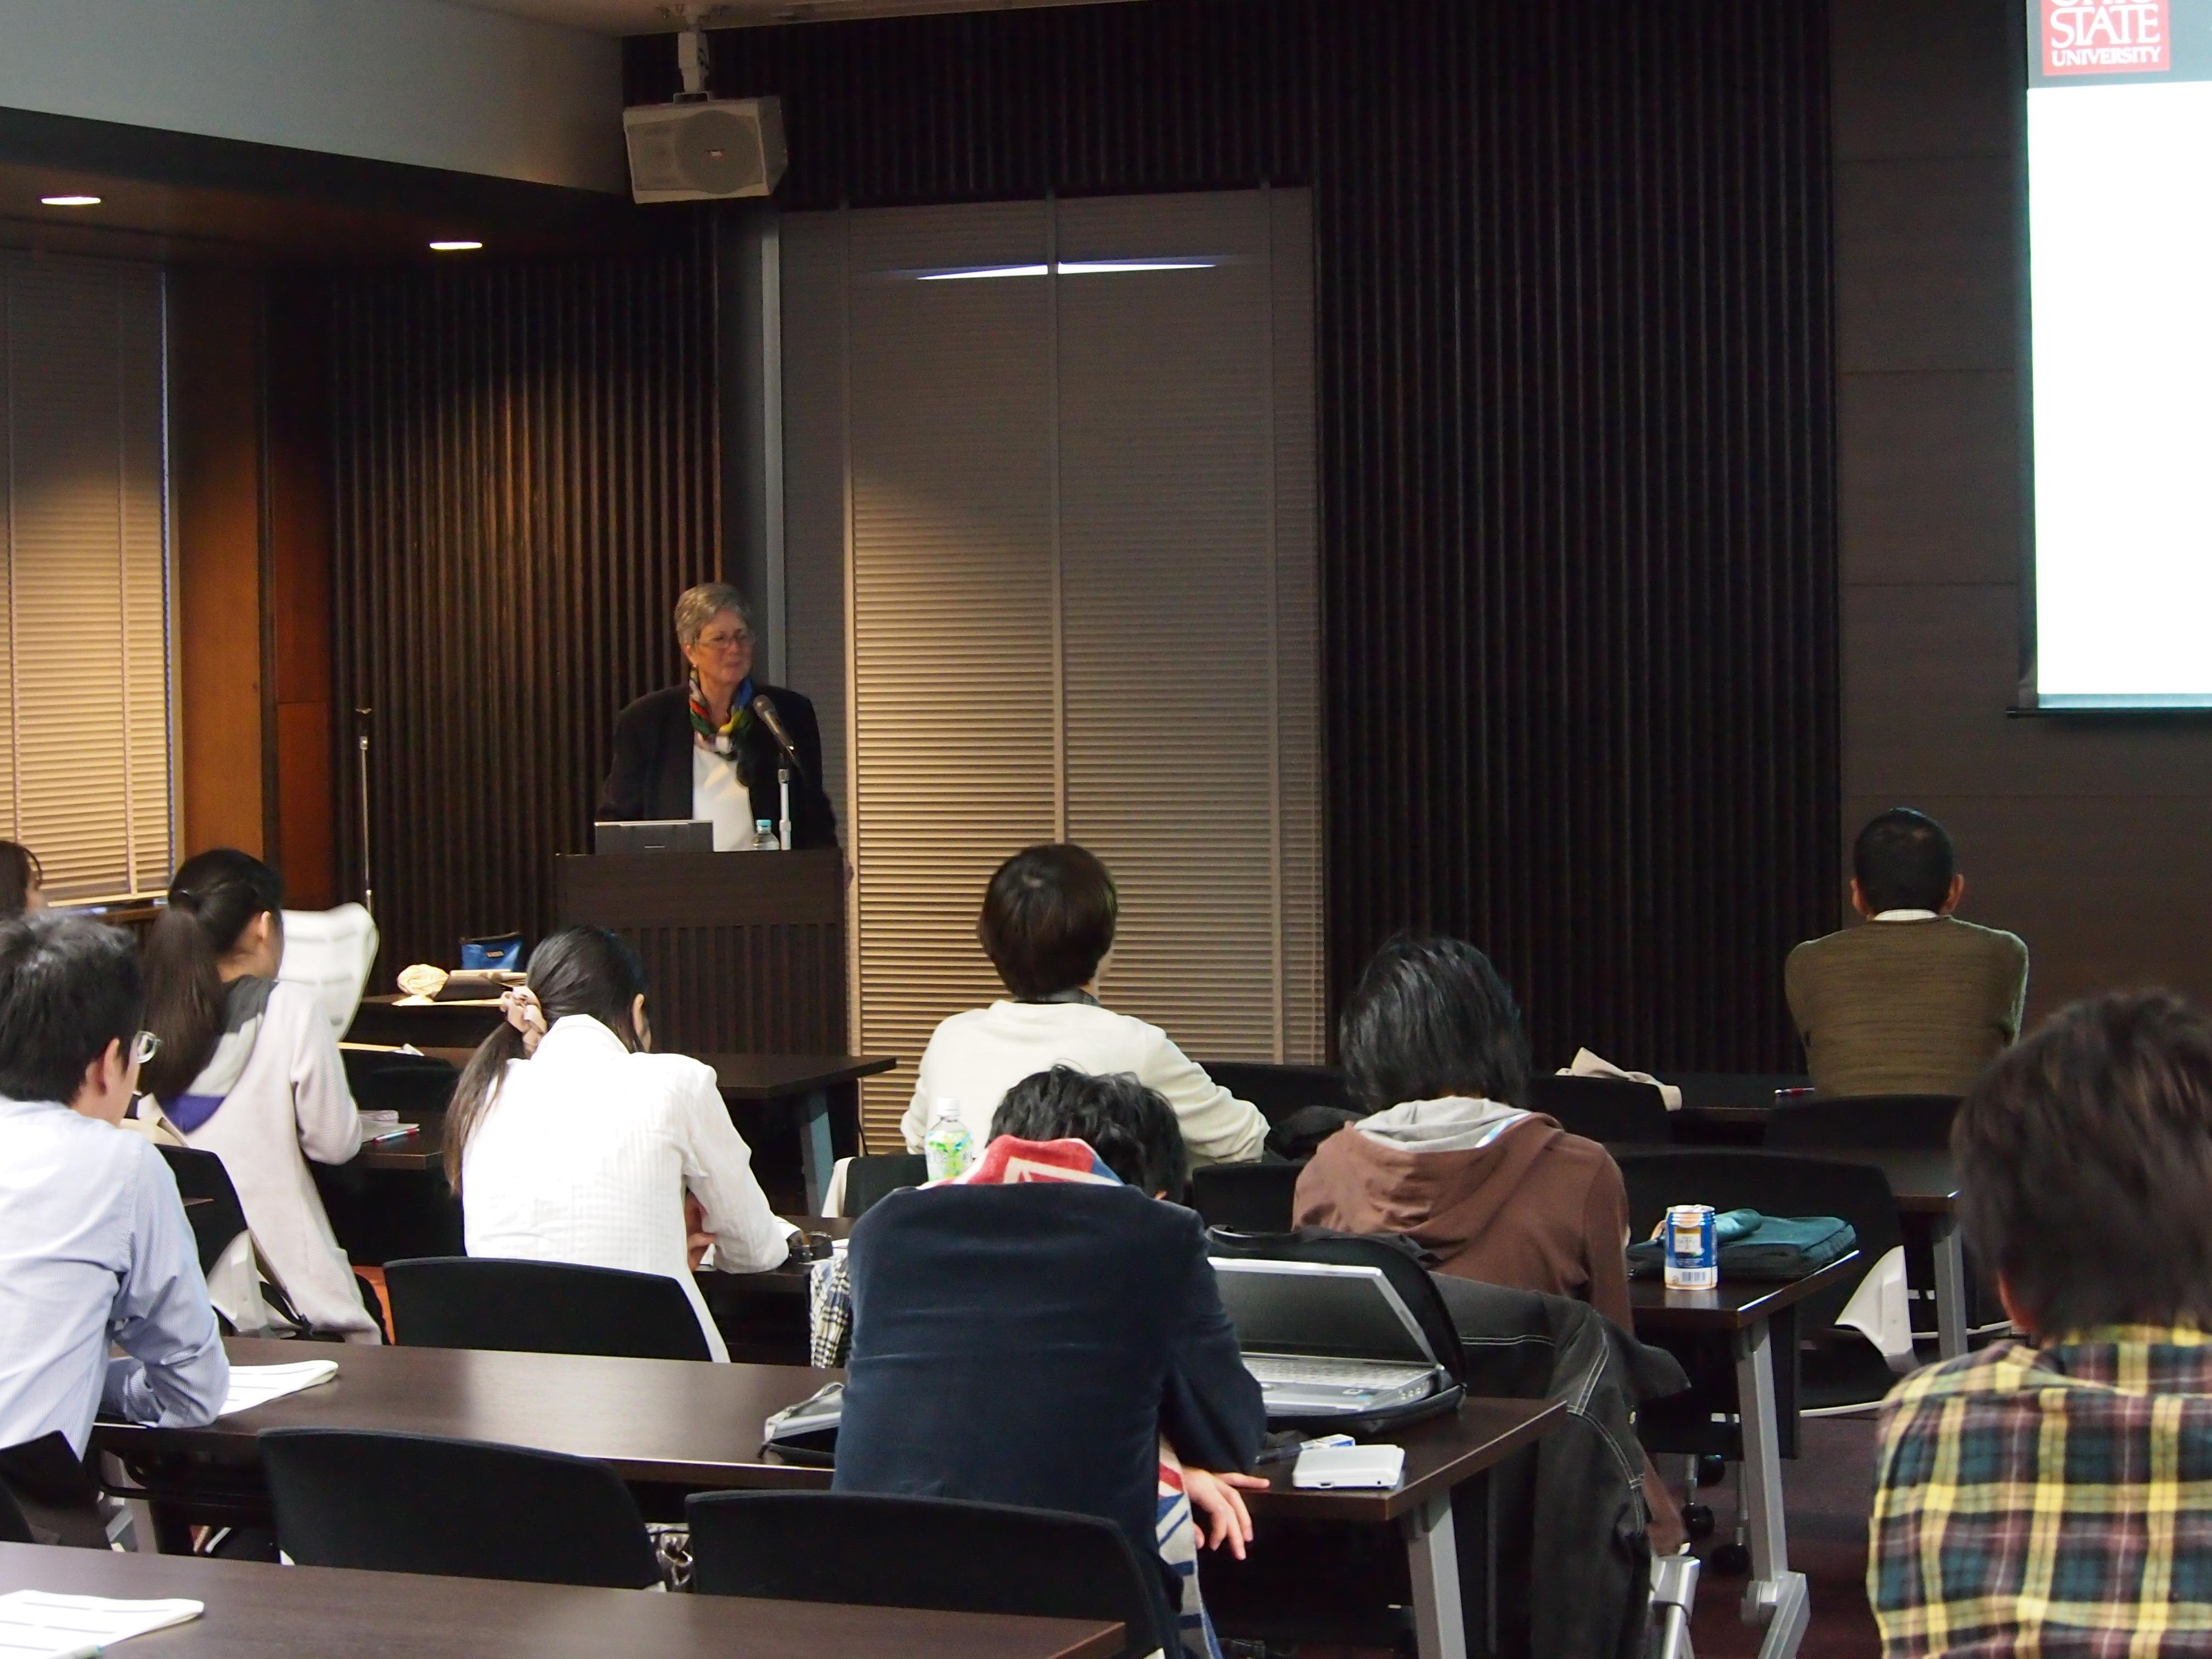 ジェニファー・クロッカー博士(オハイオ州立大学教授)の講演会を開催しました